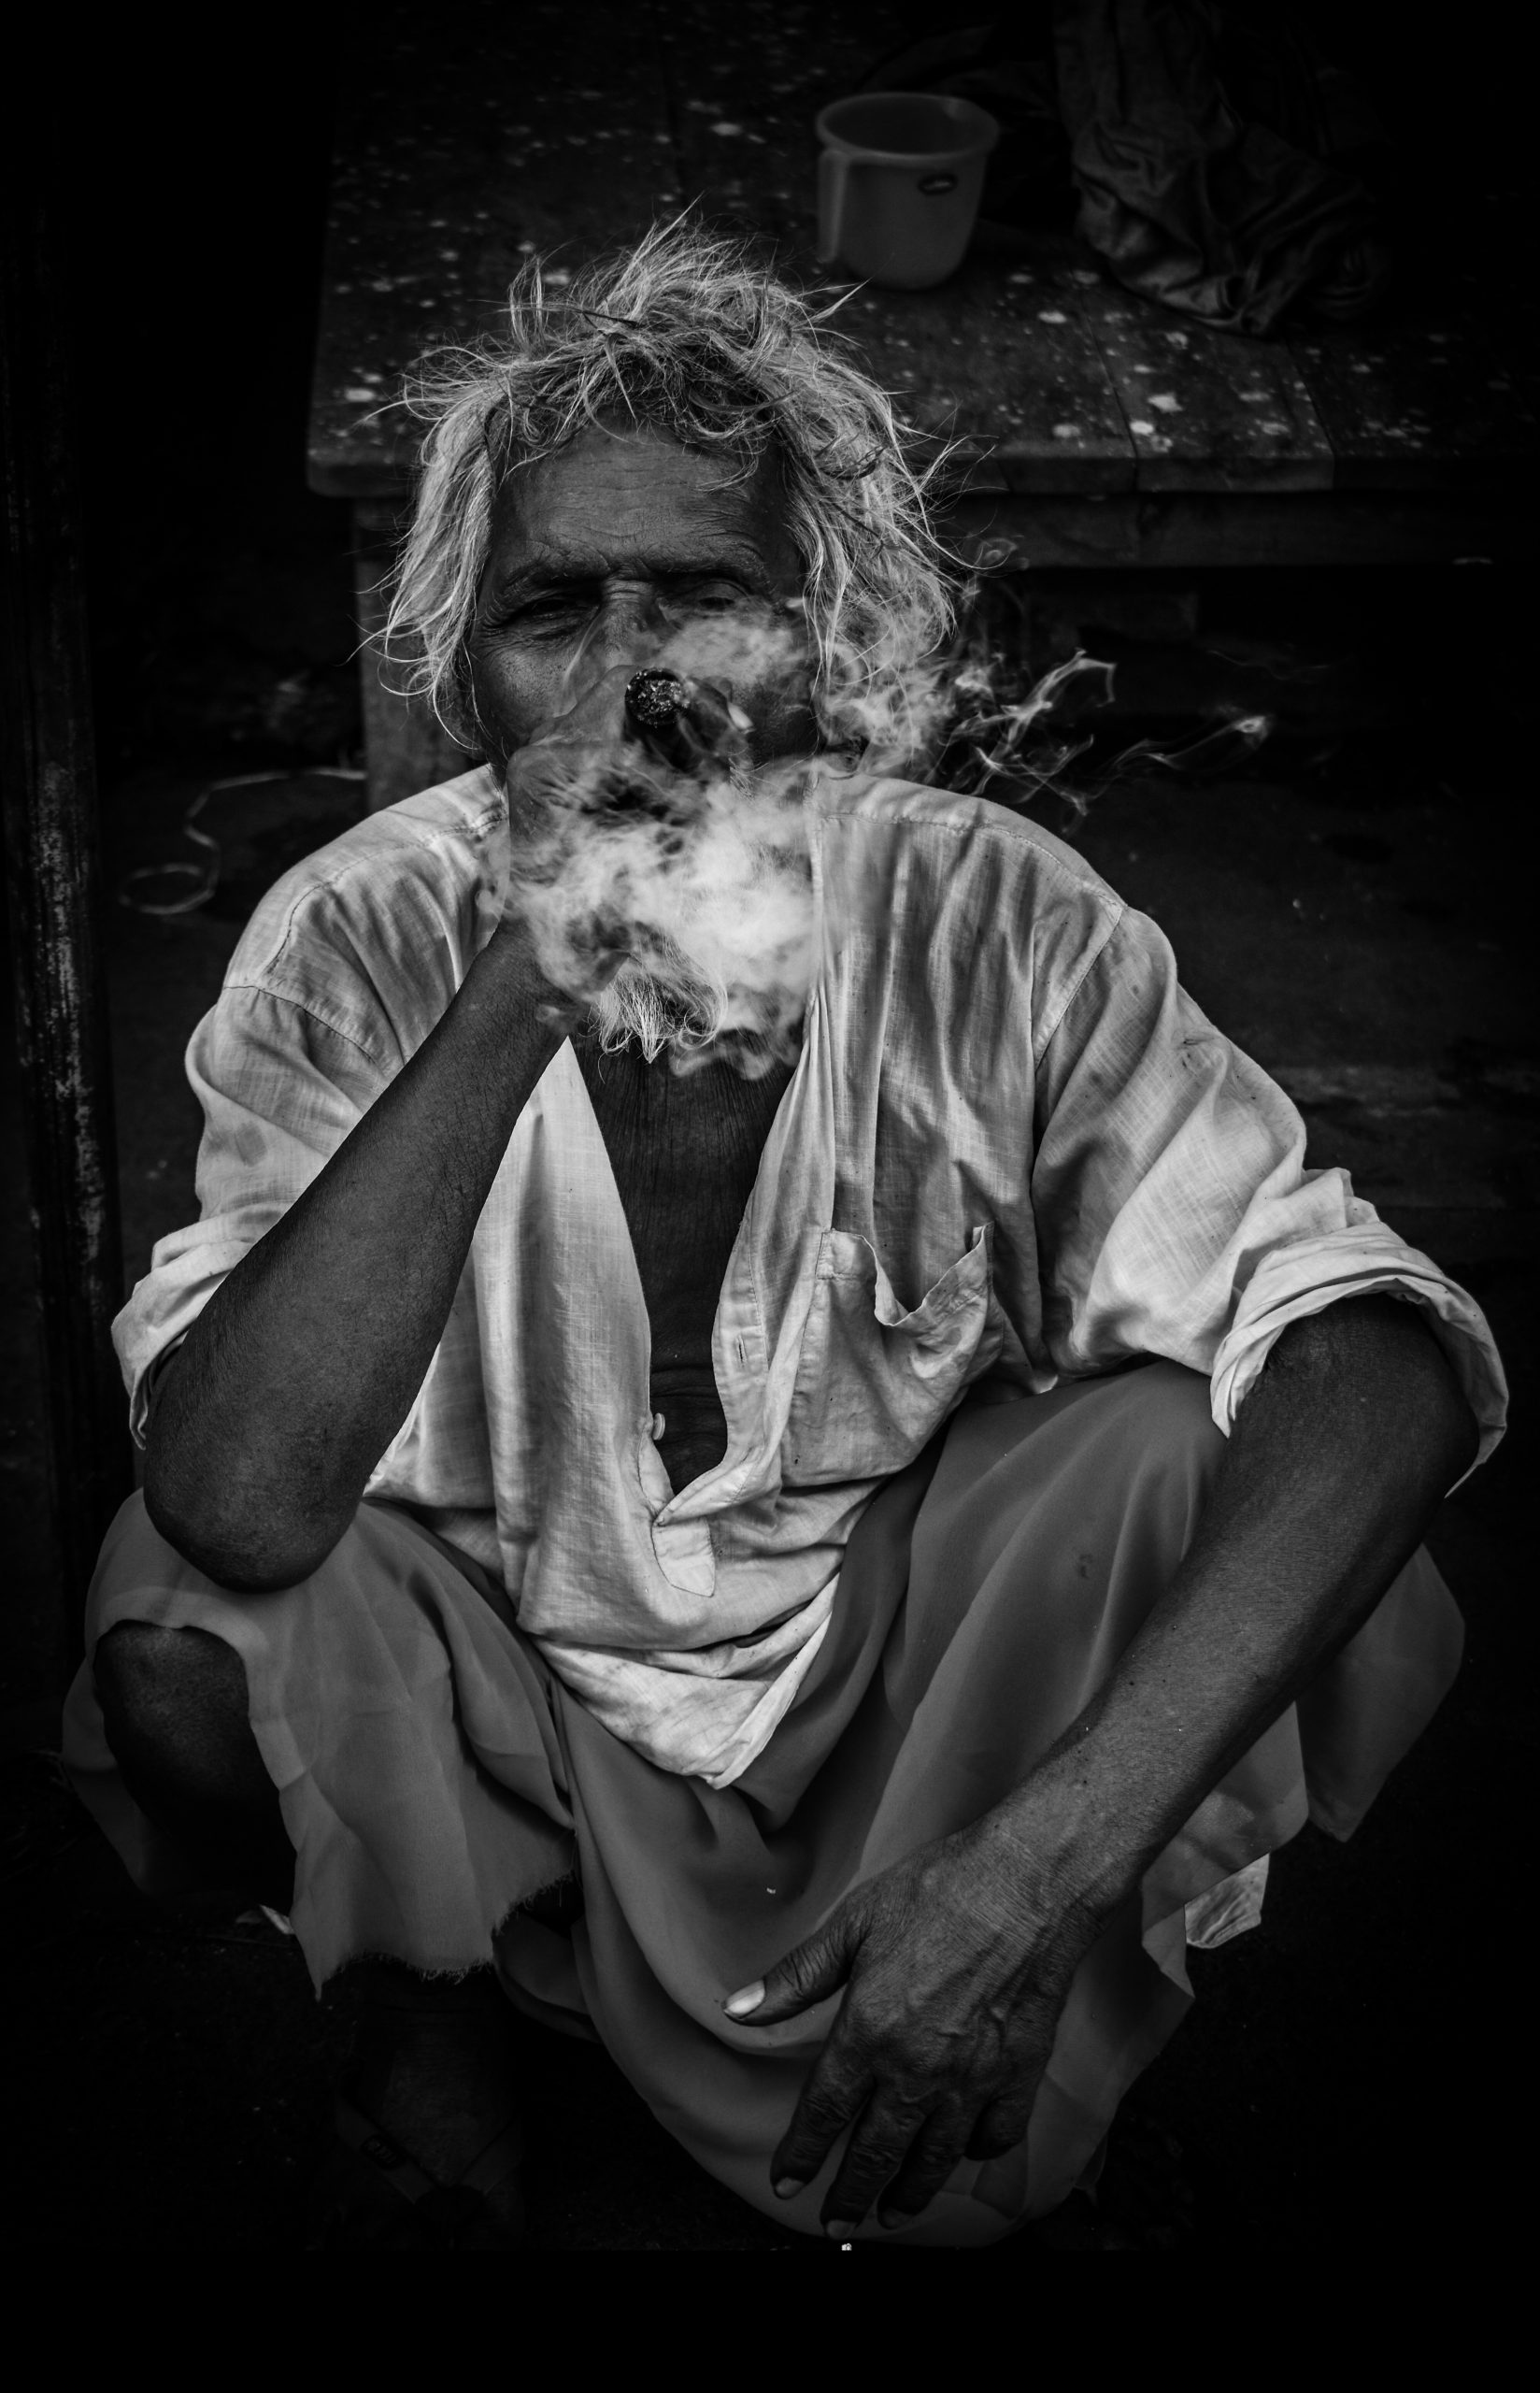 old man smoking